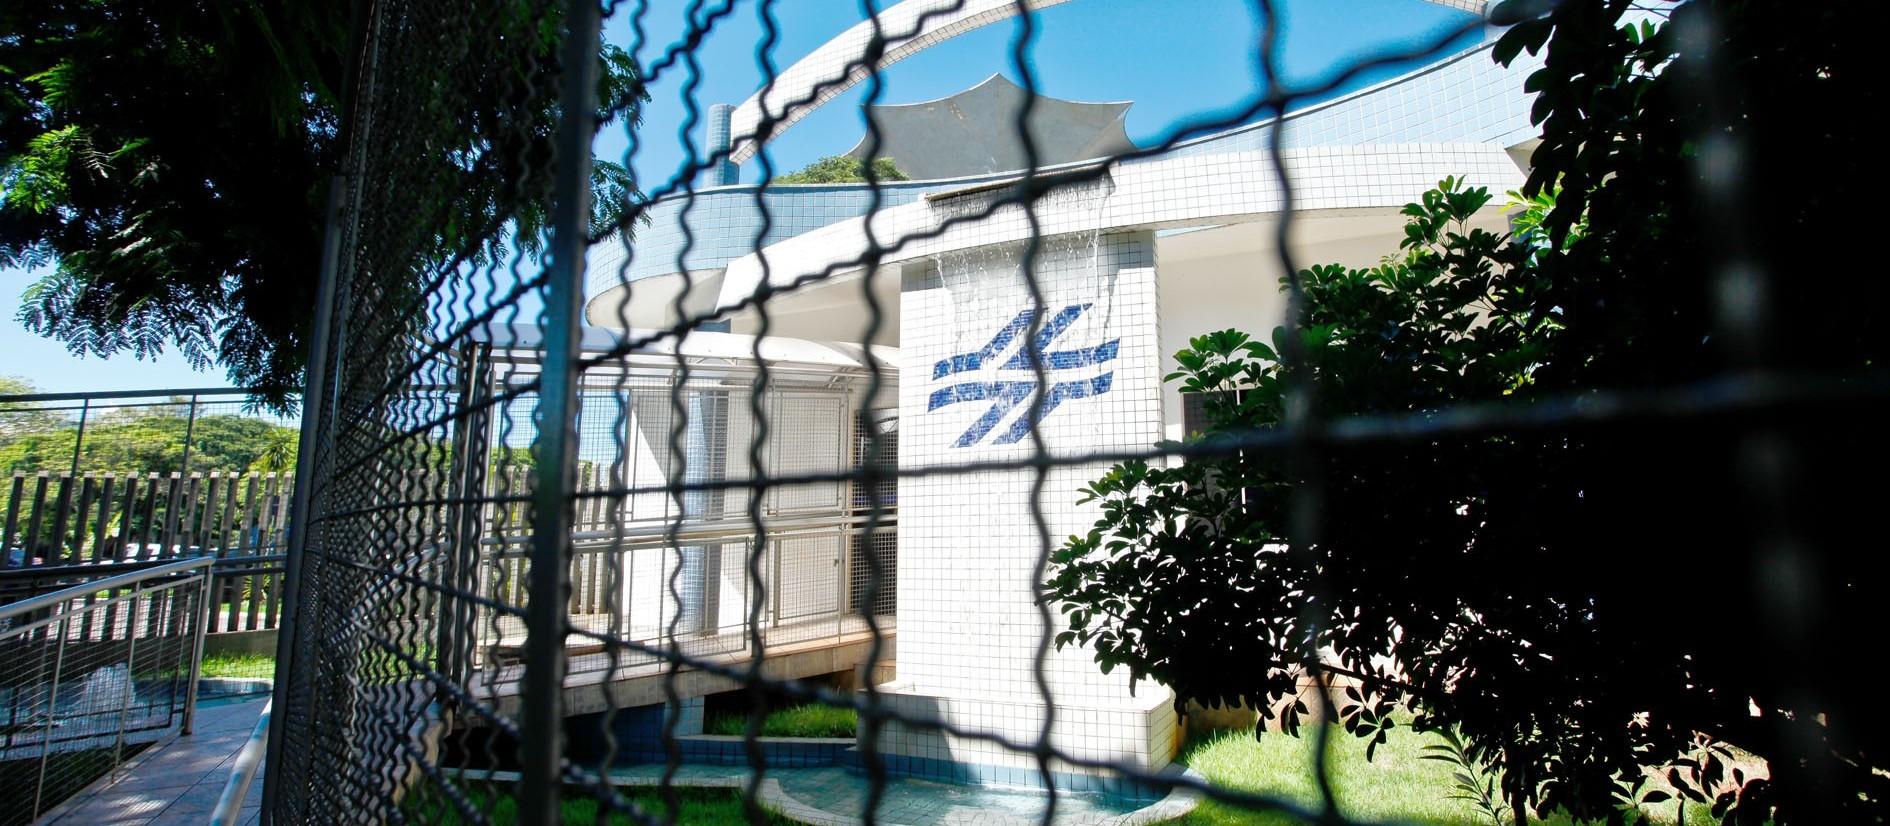 Sanepar é multada em mais de R$ 2 milhões